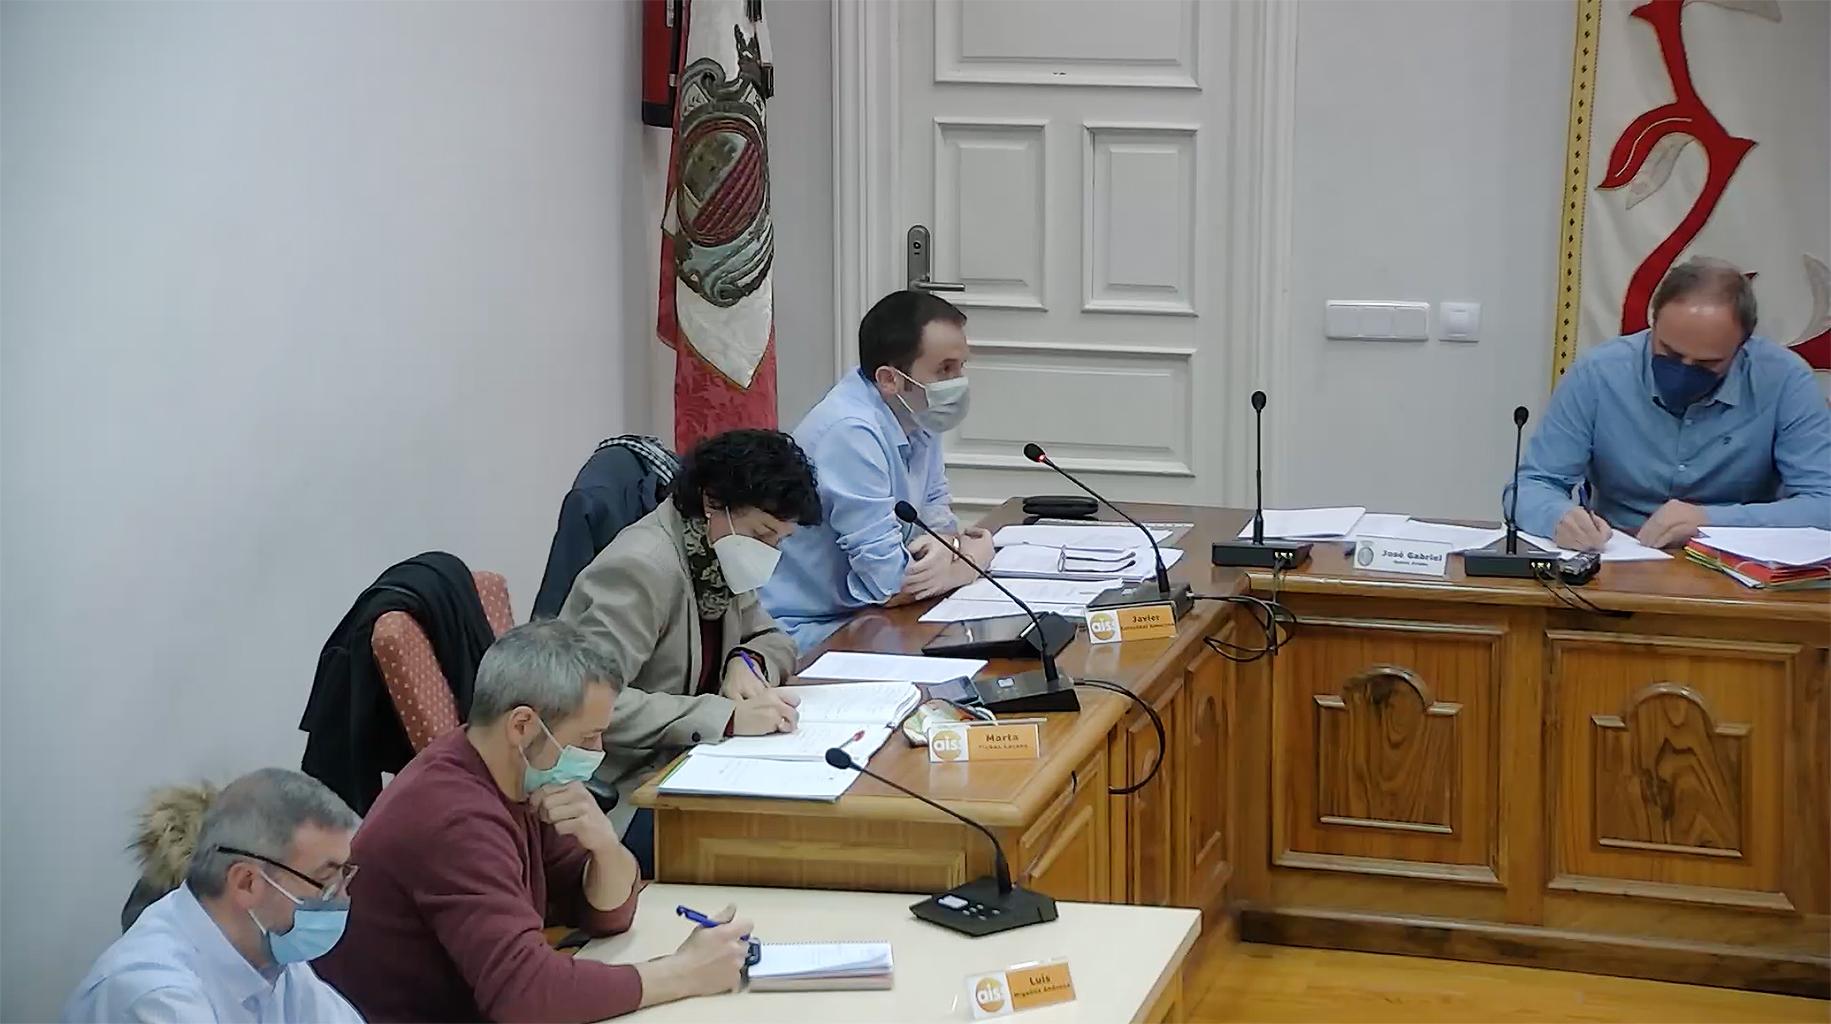 Acuerdo presupuestario 2021 positivo para Sangüesa: responsable ante la crisis y de mayor control y exigencia sobre el equipo de gobierno